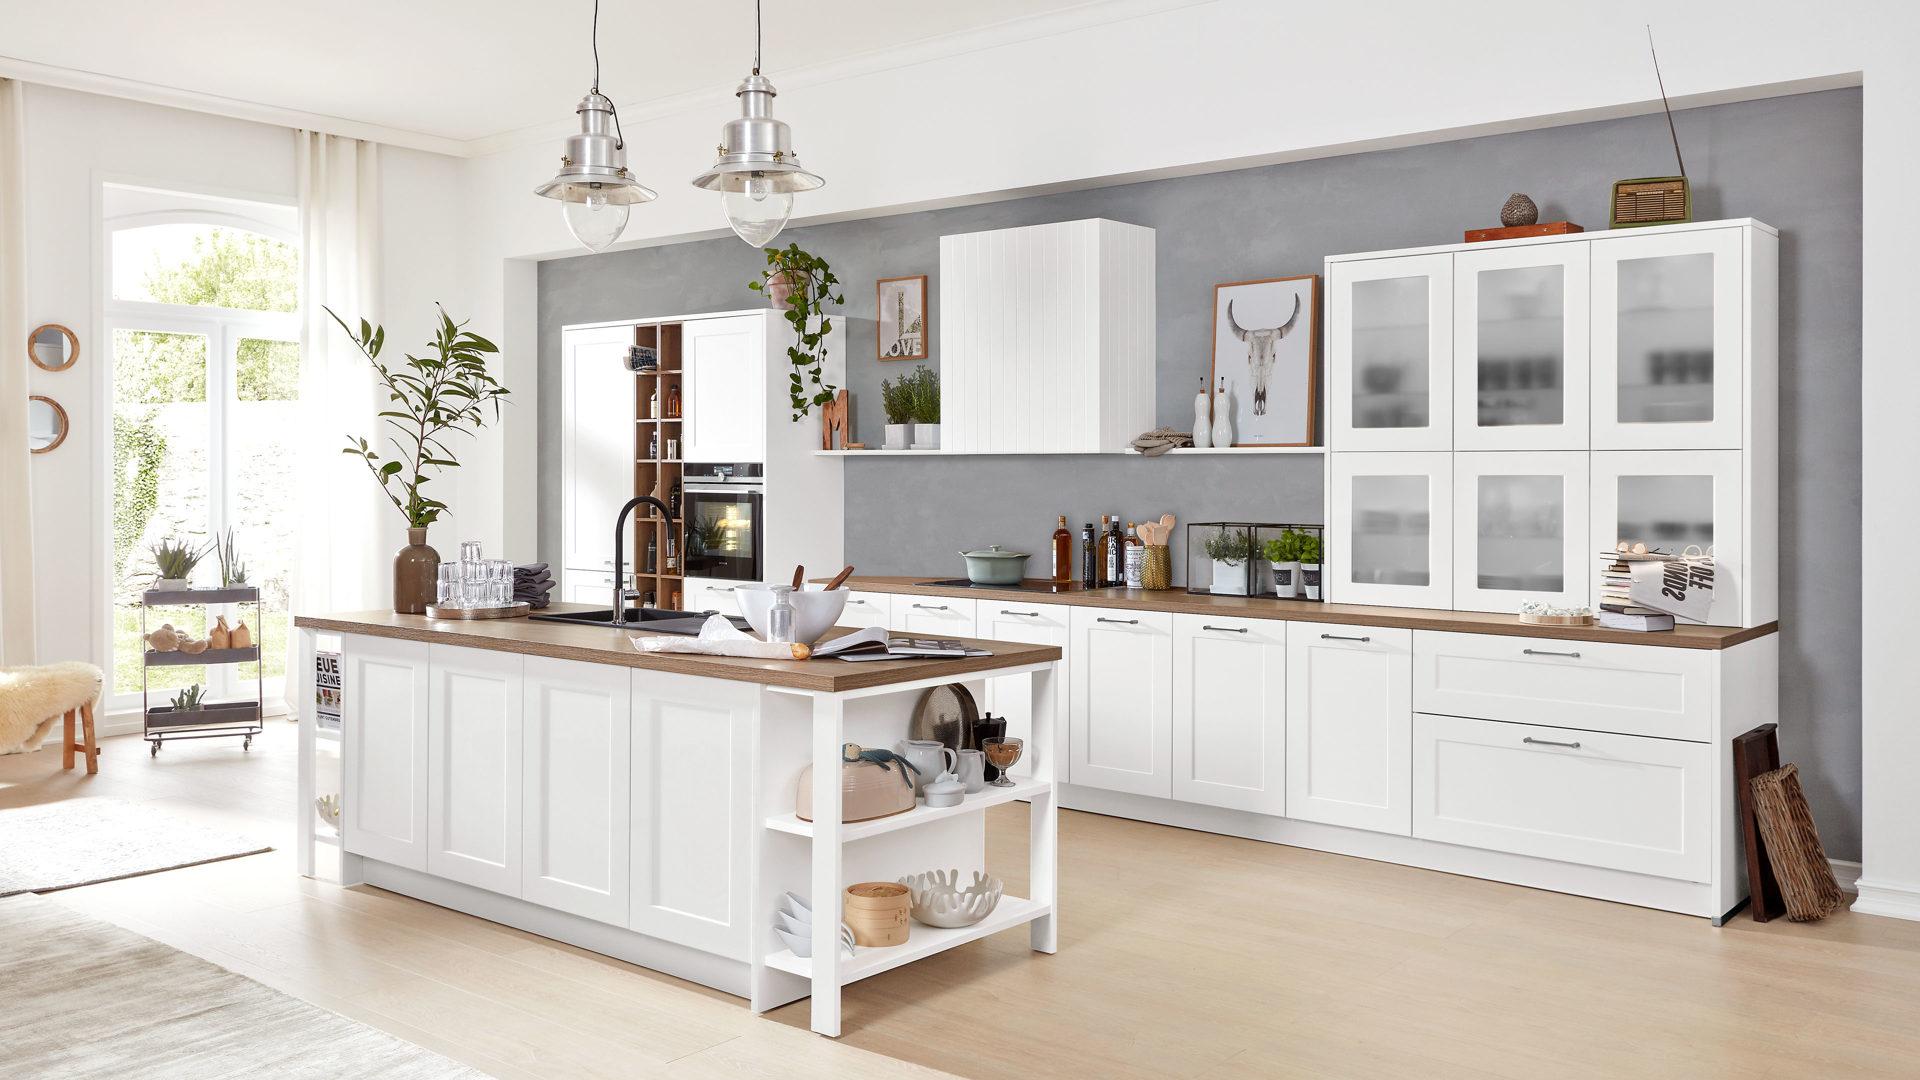 Interliving Küche Serie 3002 mit SIEMENS Einbaugeräten, weiße &  steineichefarbene Kunststoffoberflächen – Länge ca. 260 u